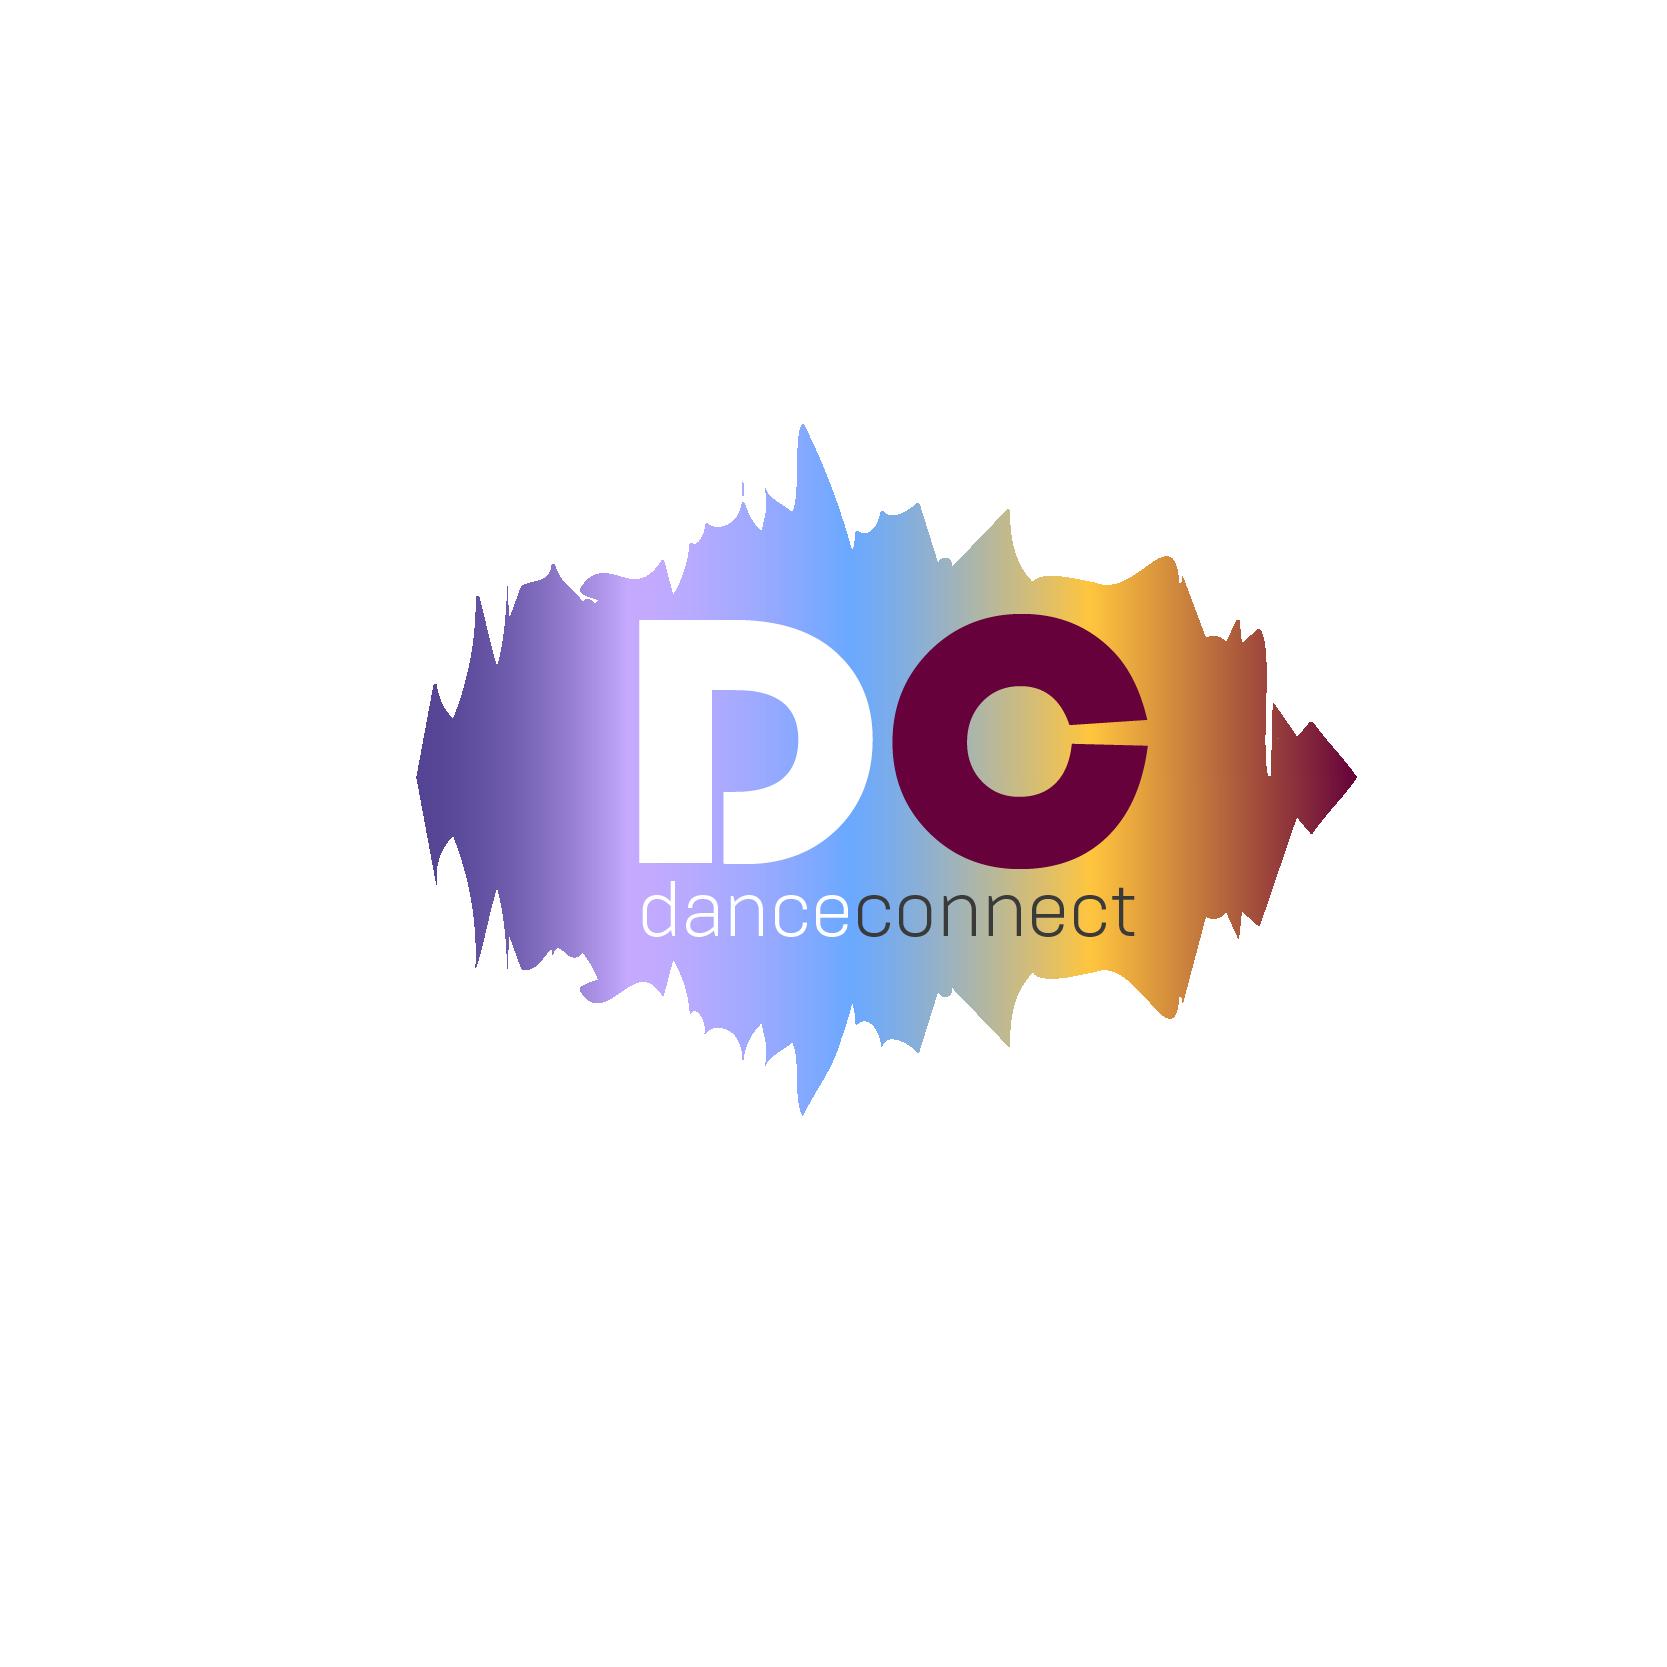 Разработка лого для спортивного портала www.danceconnect.ru фото f_2015b3e81fb643c5.png